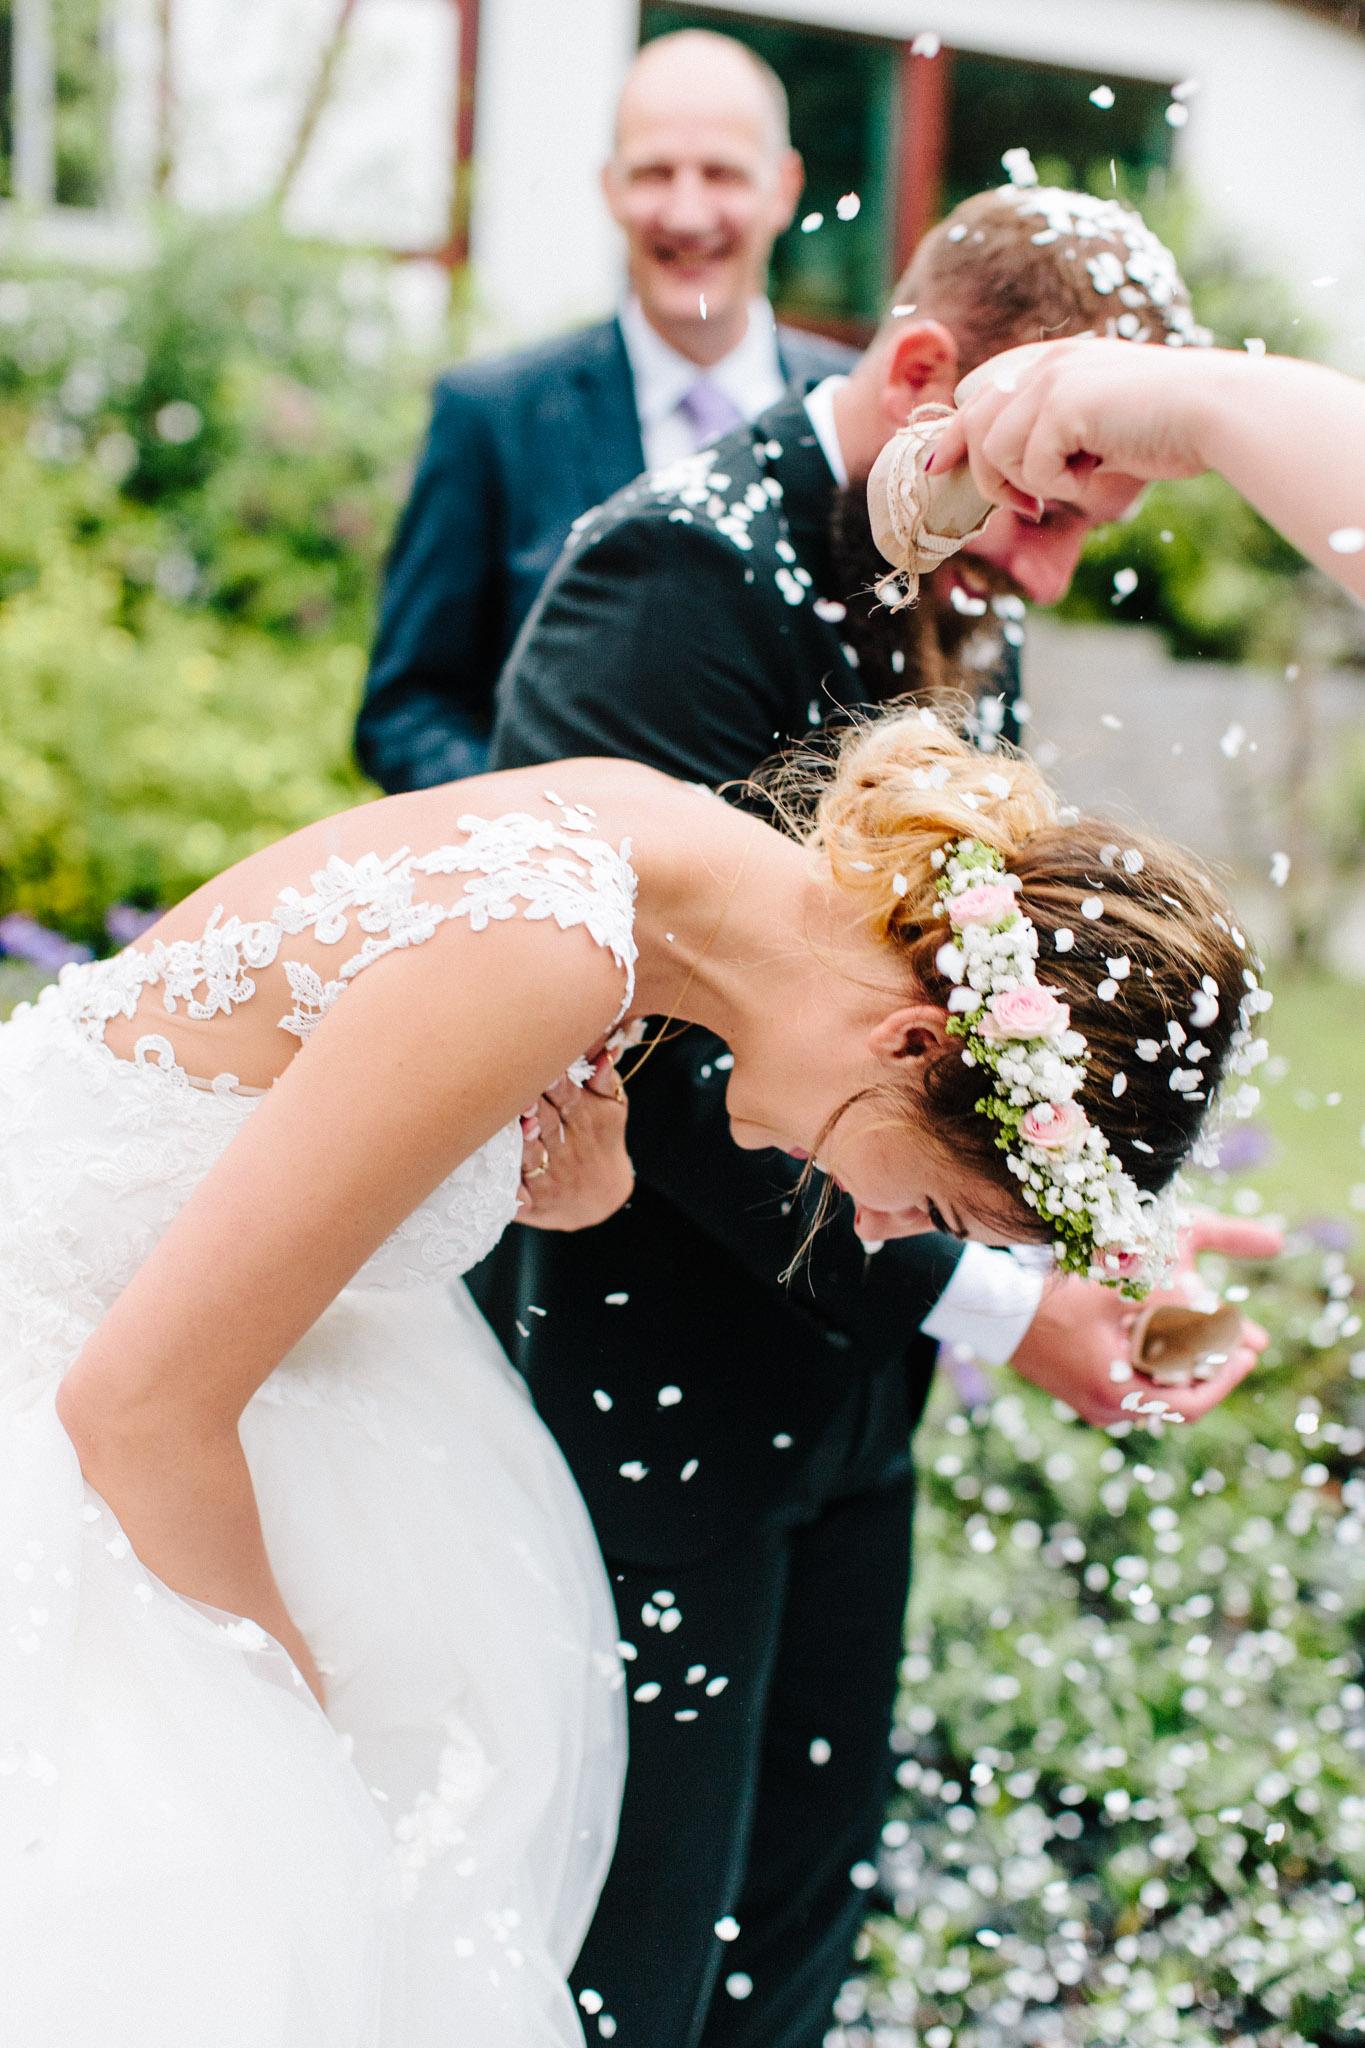 Nordhausen-Harz-Hochzeit-Pia-Anna-Christian-Wedding-Photography-LM-59.jpg